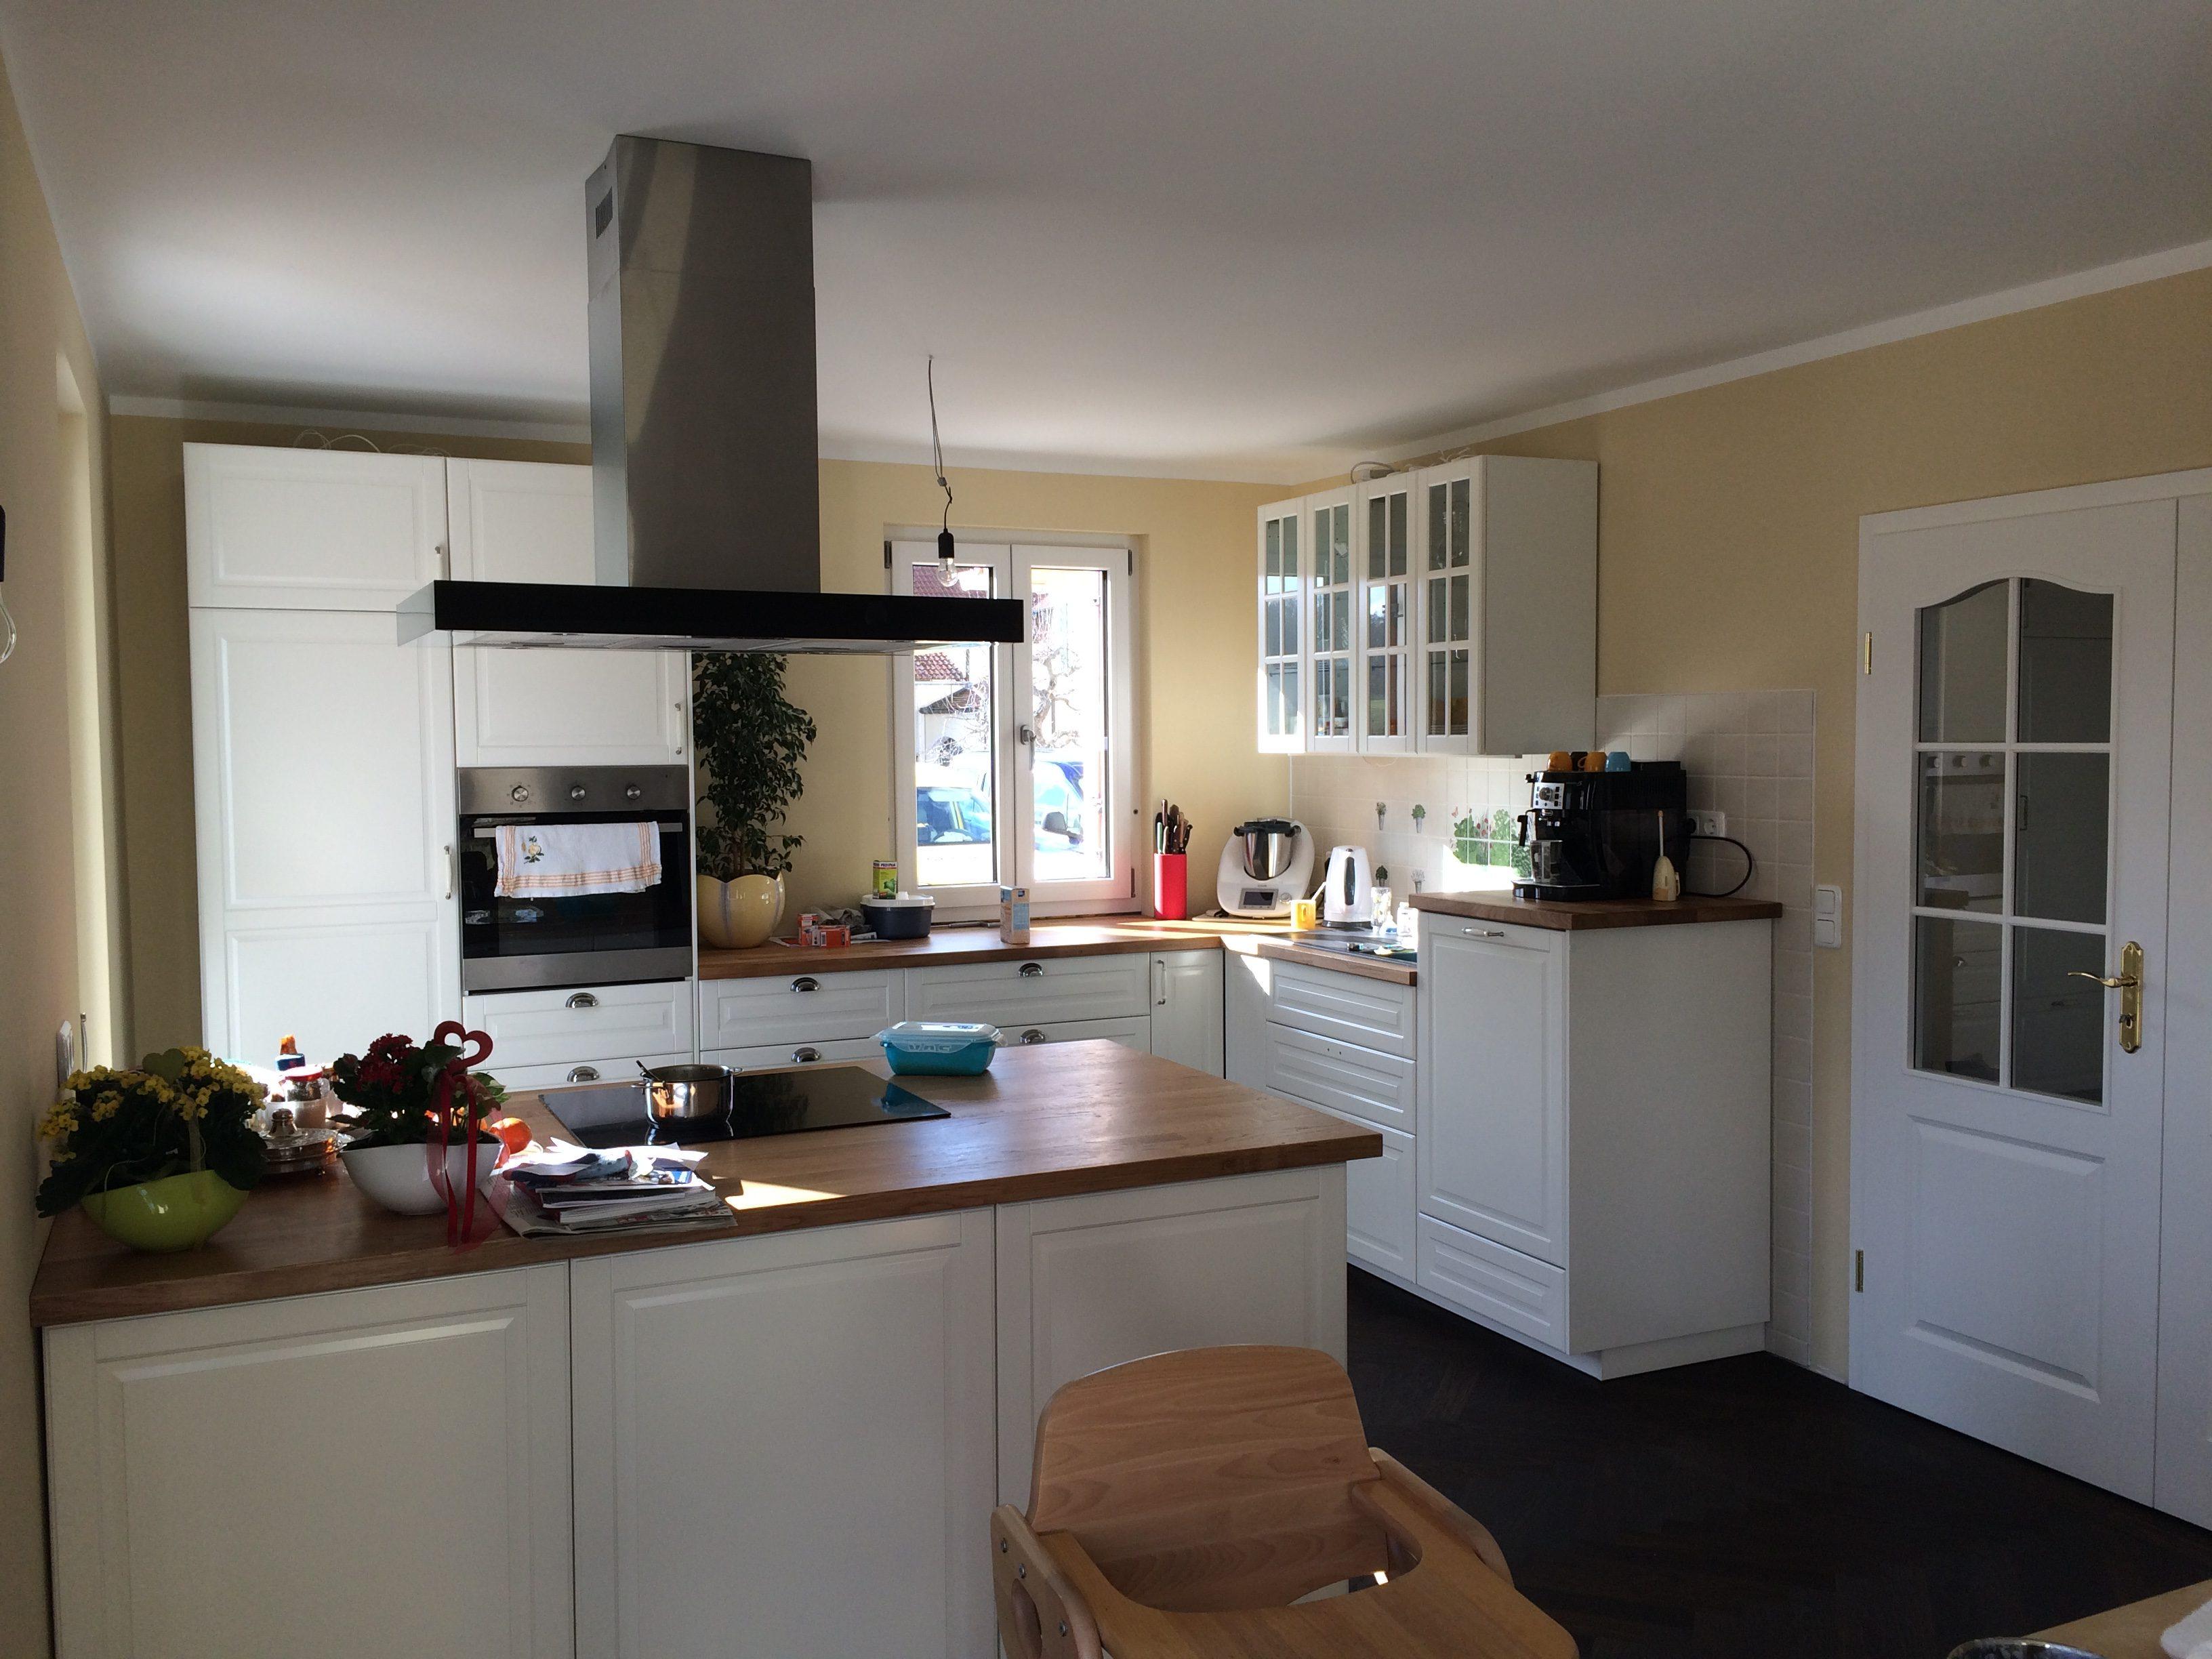 Ikea-Küche in Bodbyn elfenbeinweiß - Unser Holzhaus